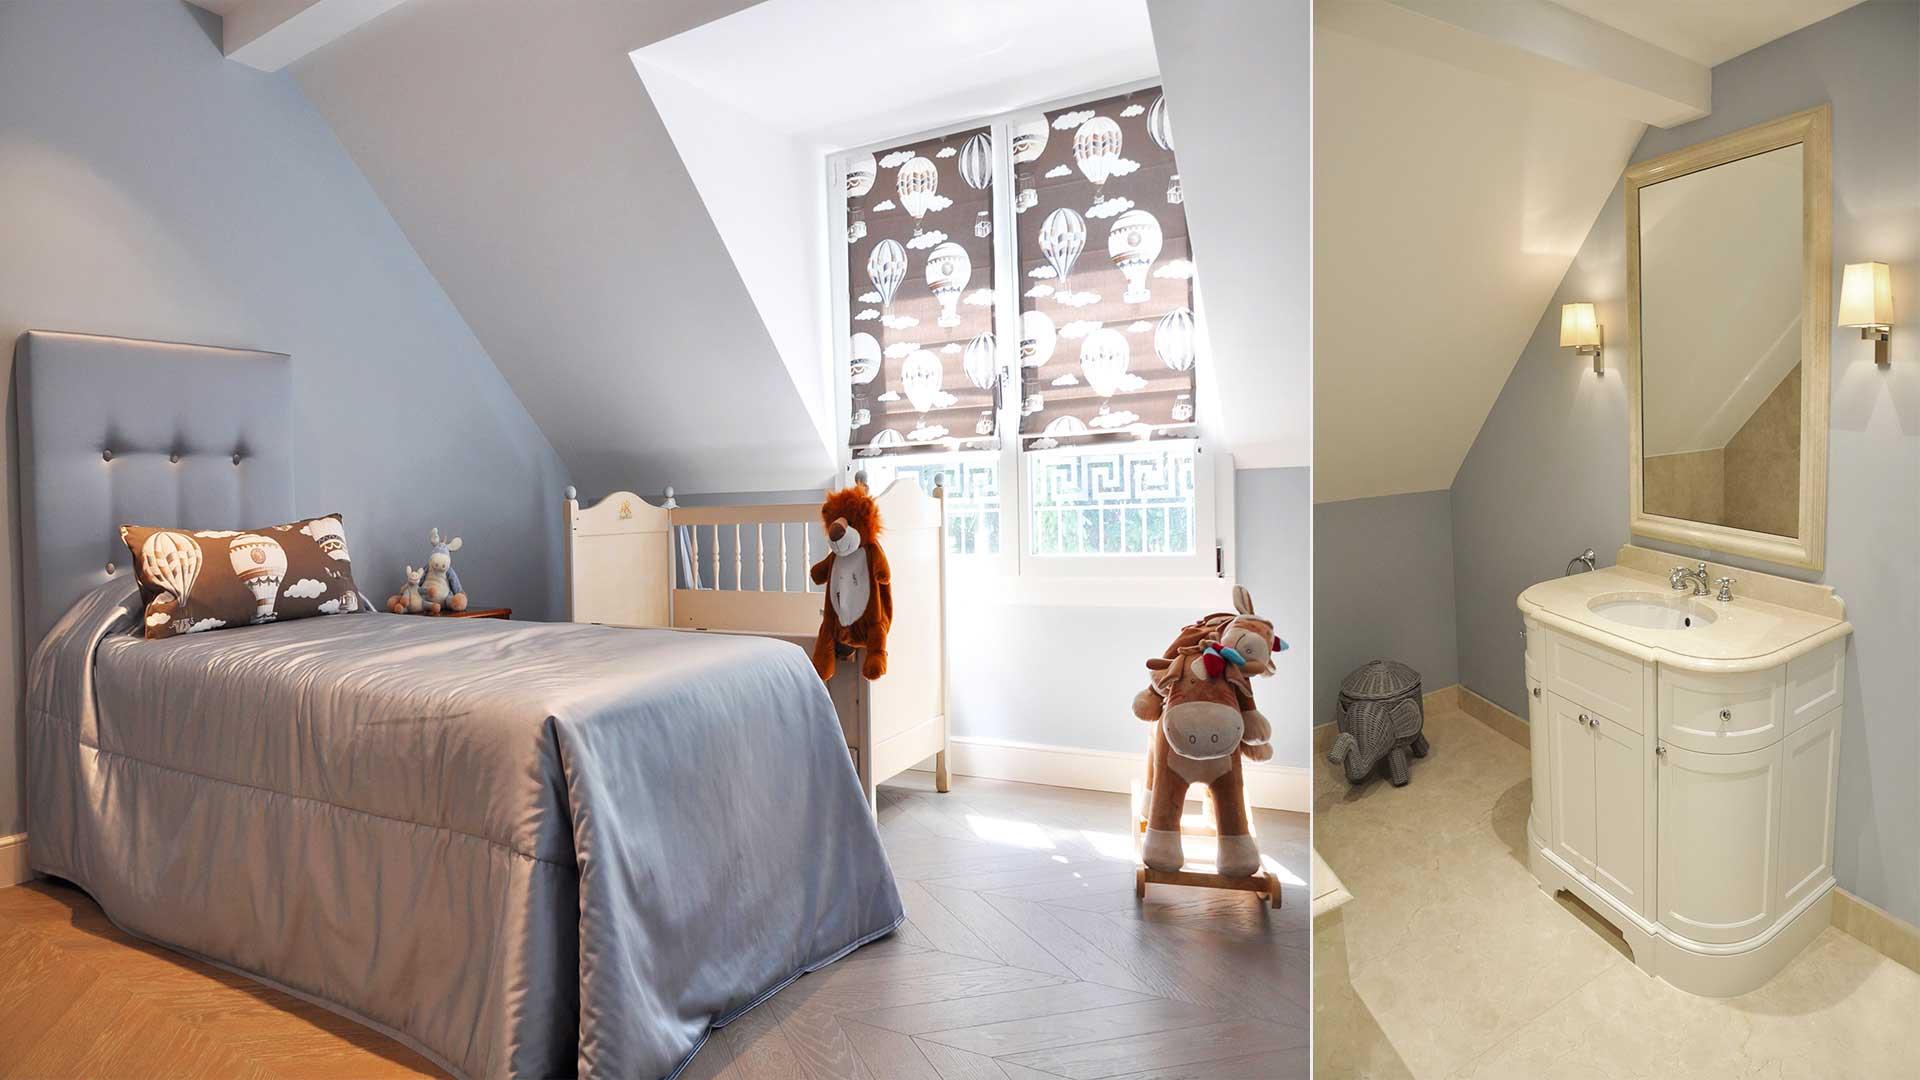 MANOR-RIVE-GAUCHE-GENEVA-06-Dome-interior-design-Geneve-Suisse